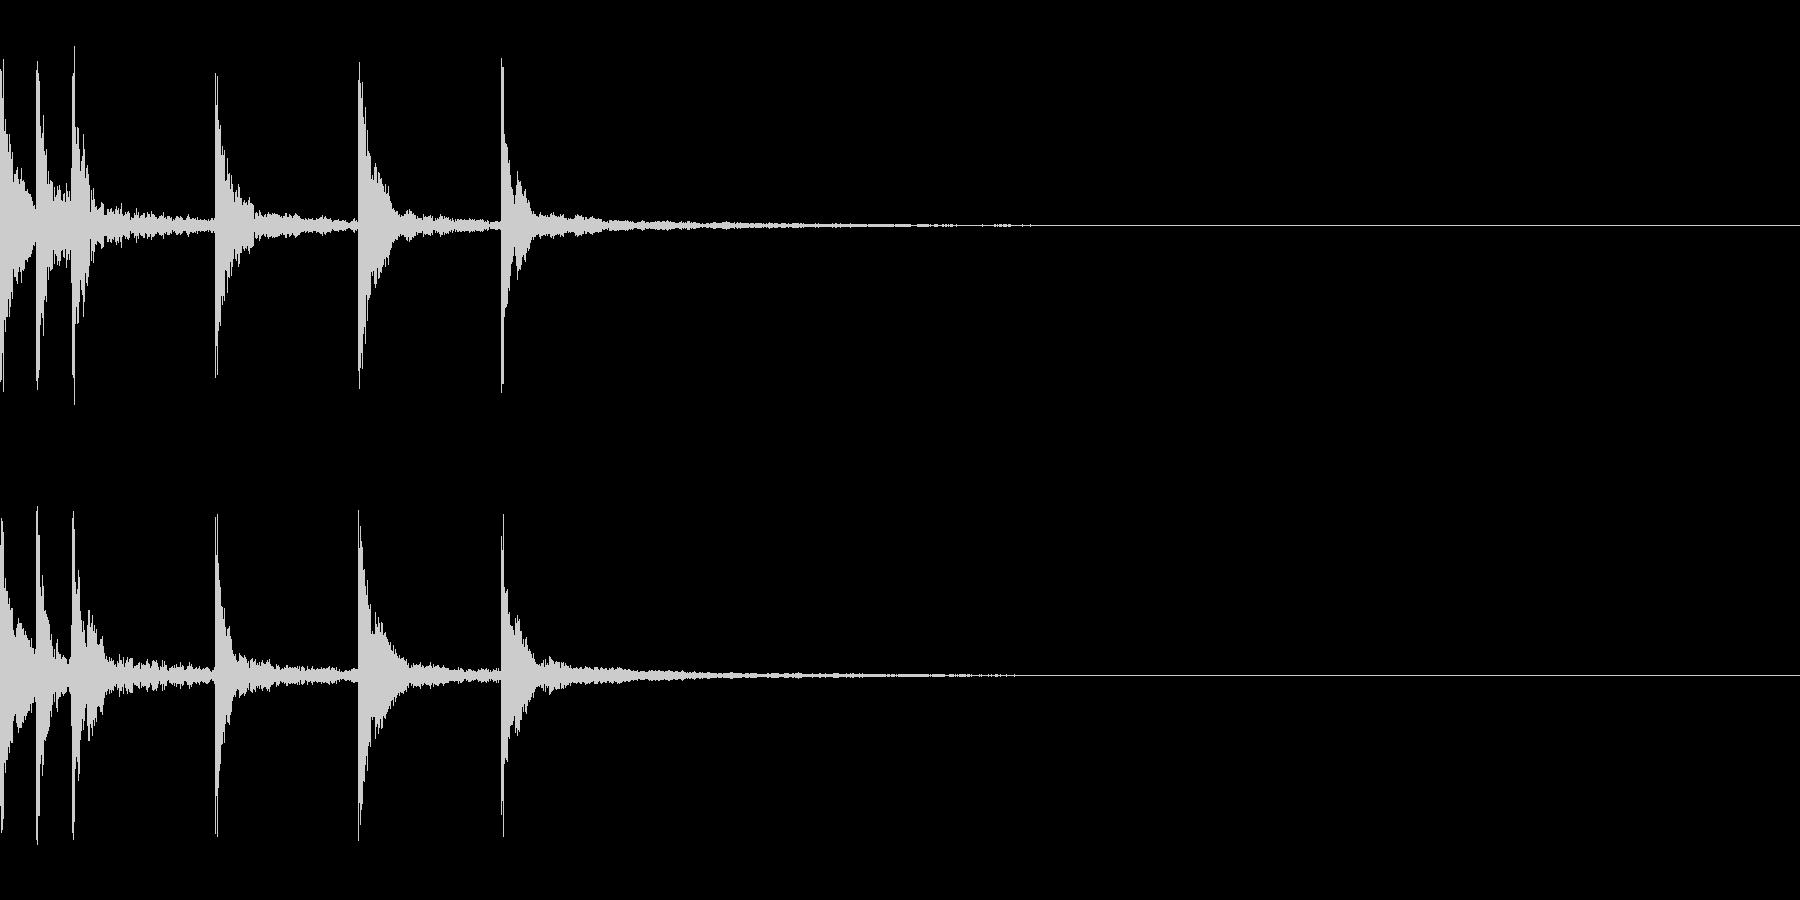 ナチラルさを感じるシンプルなサウンドロゴの未再生の波形